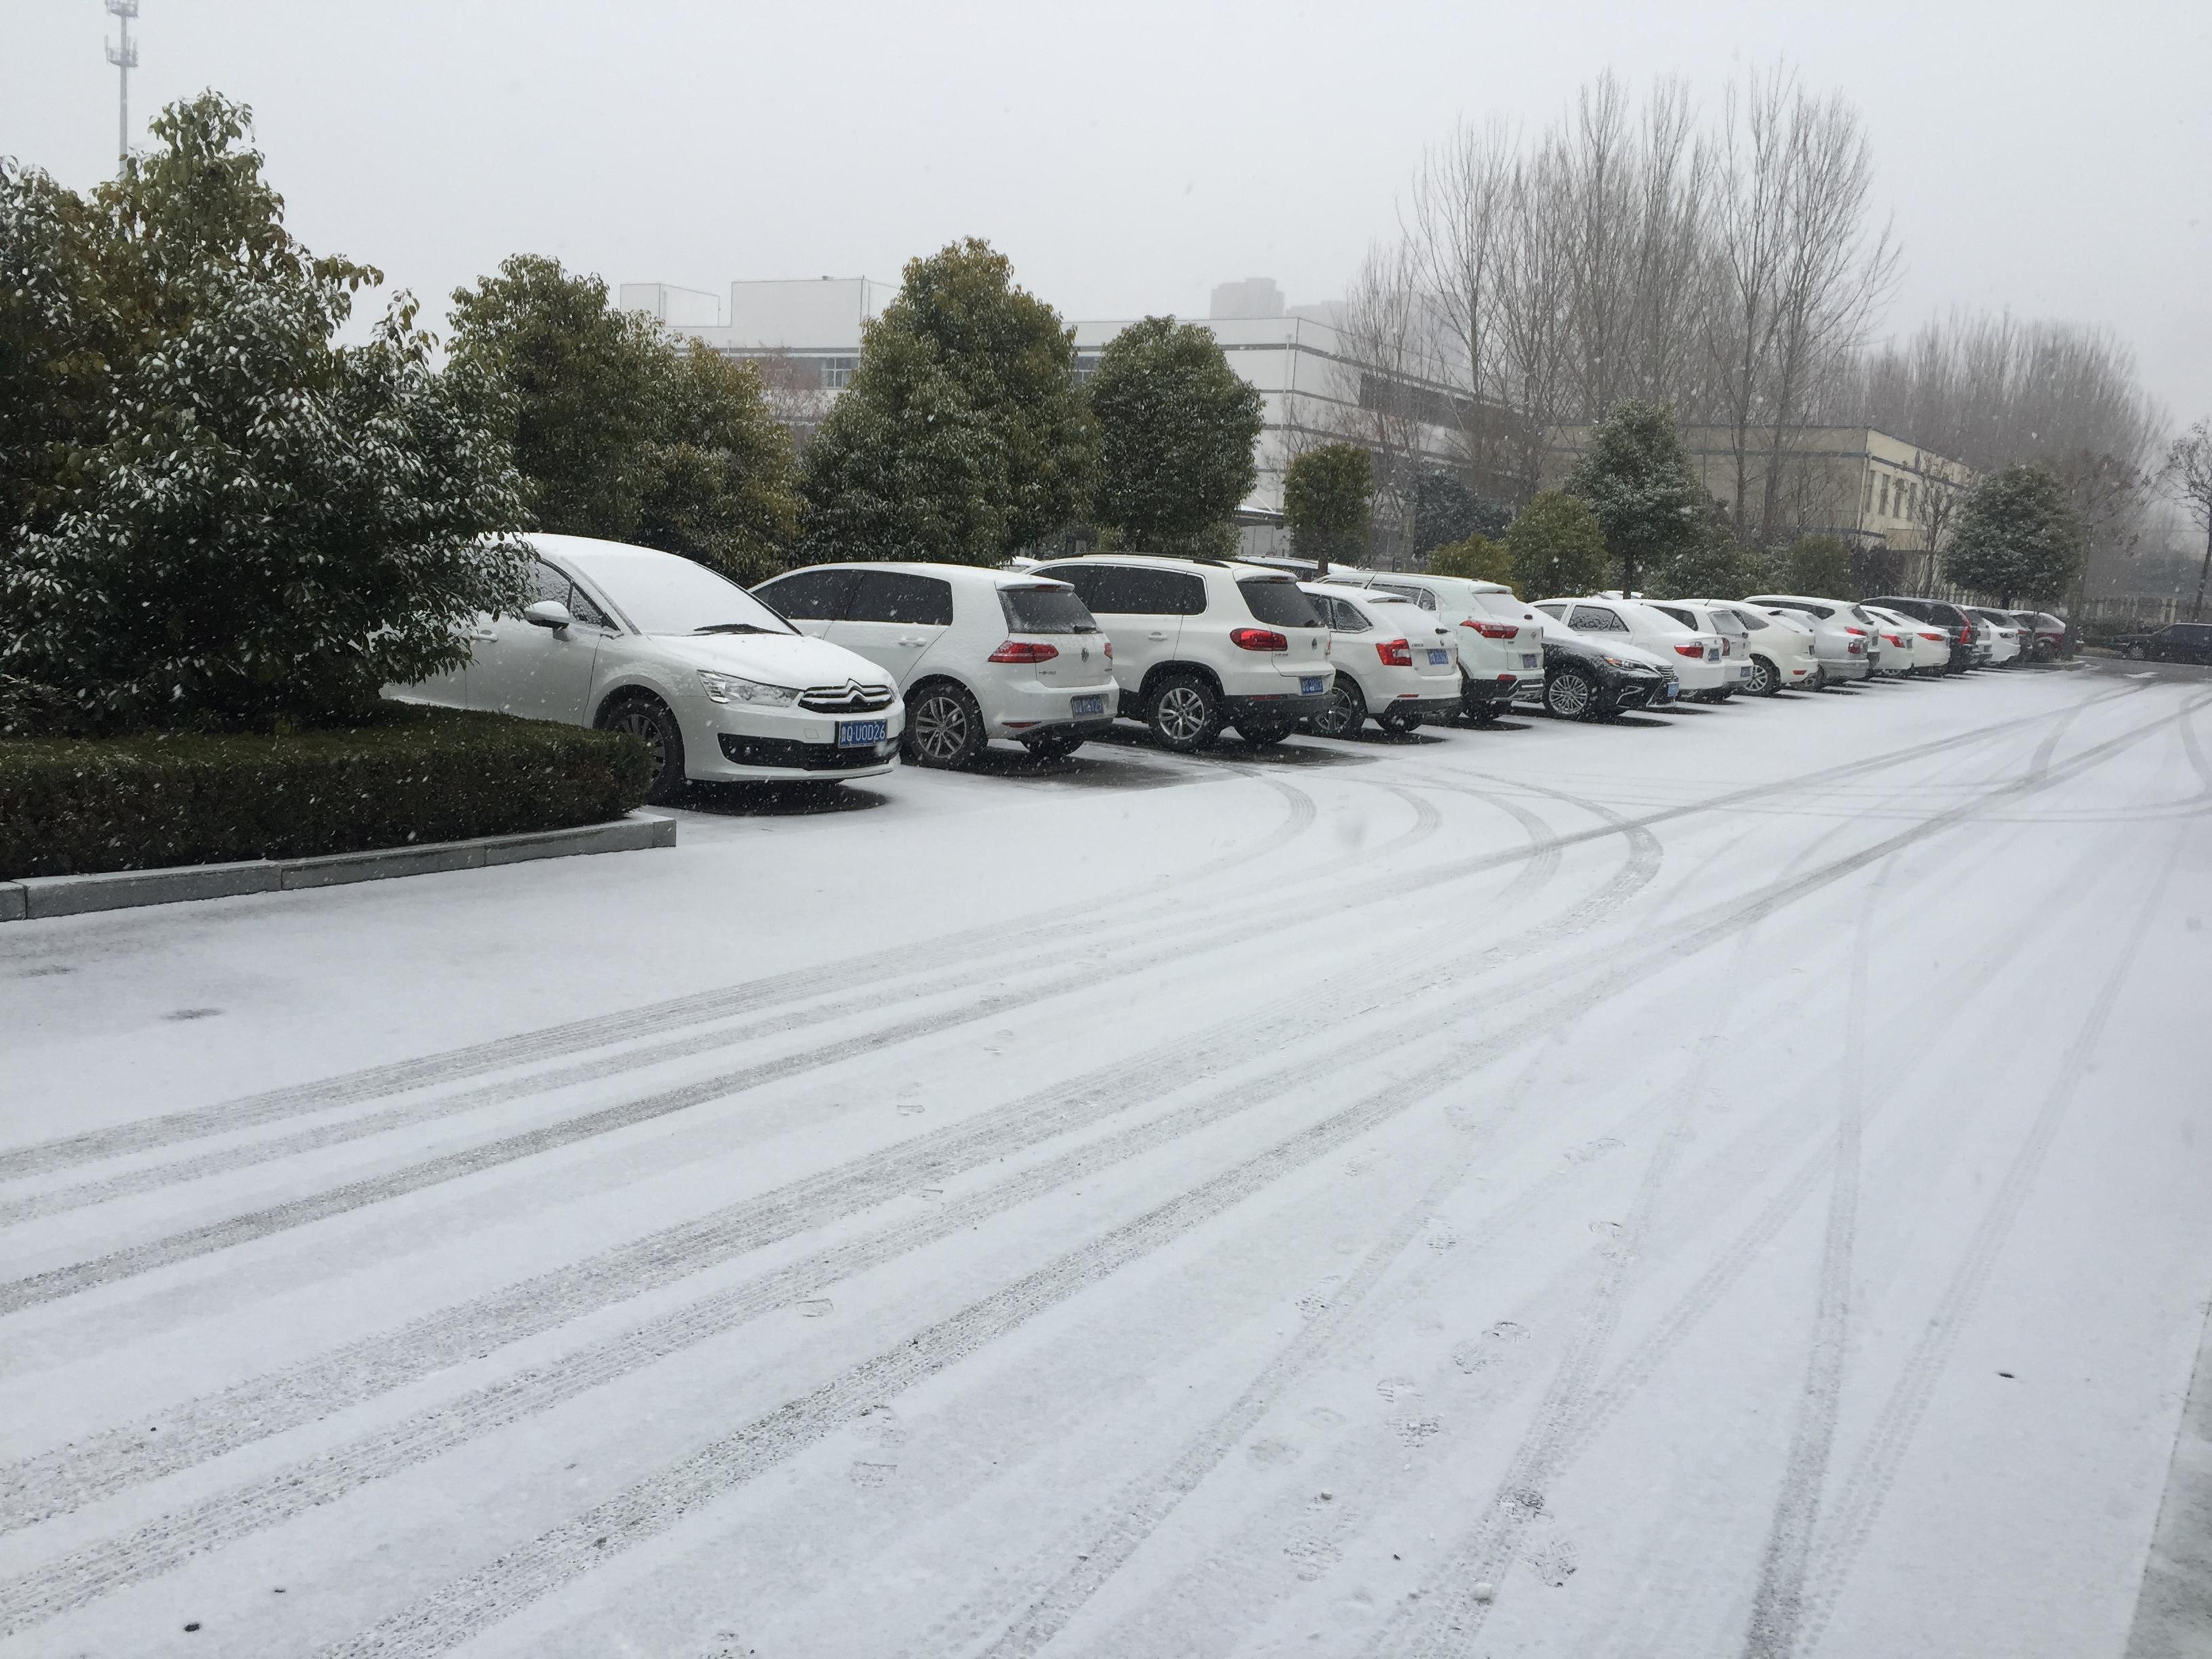 35秒| 临沂2018首雪来了!别羡慕,你们家的都在路上